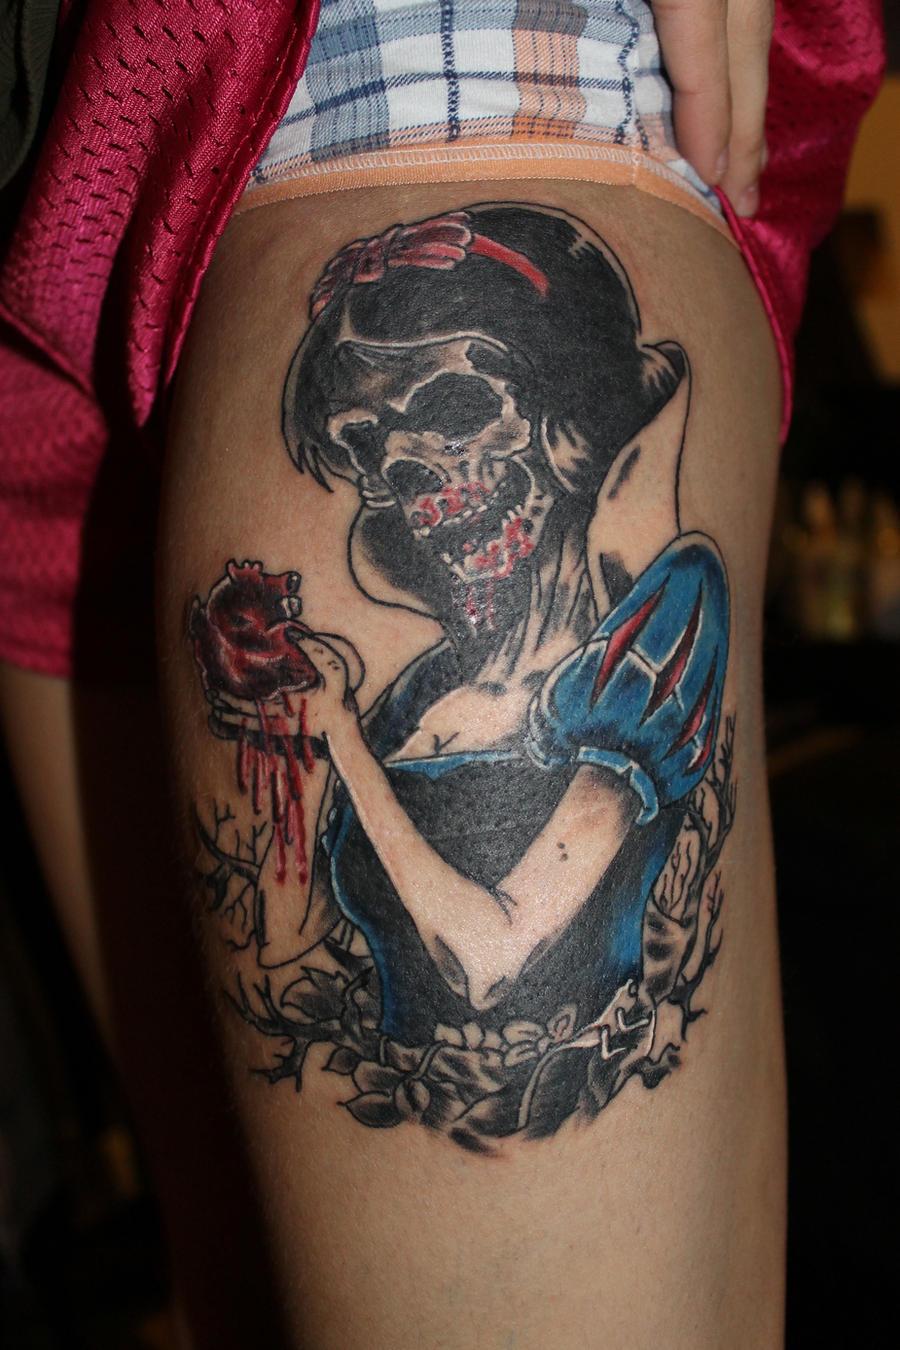 Snow White Tattoo Ideas